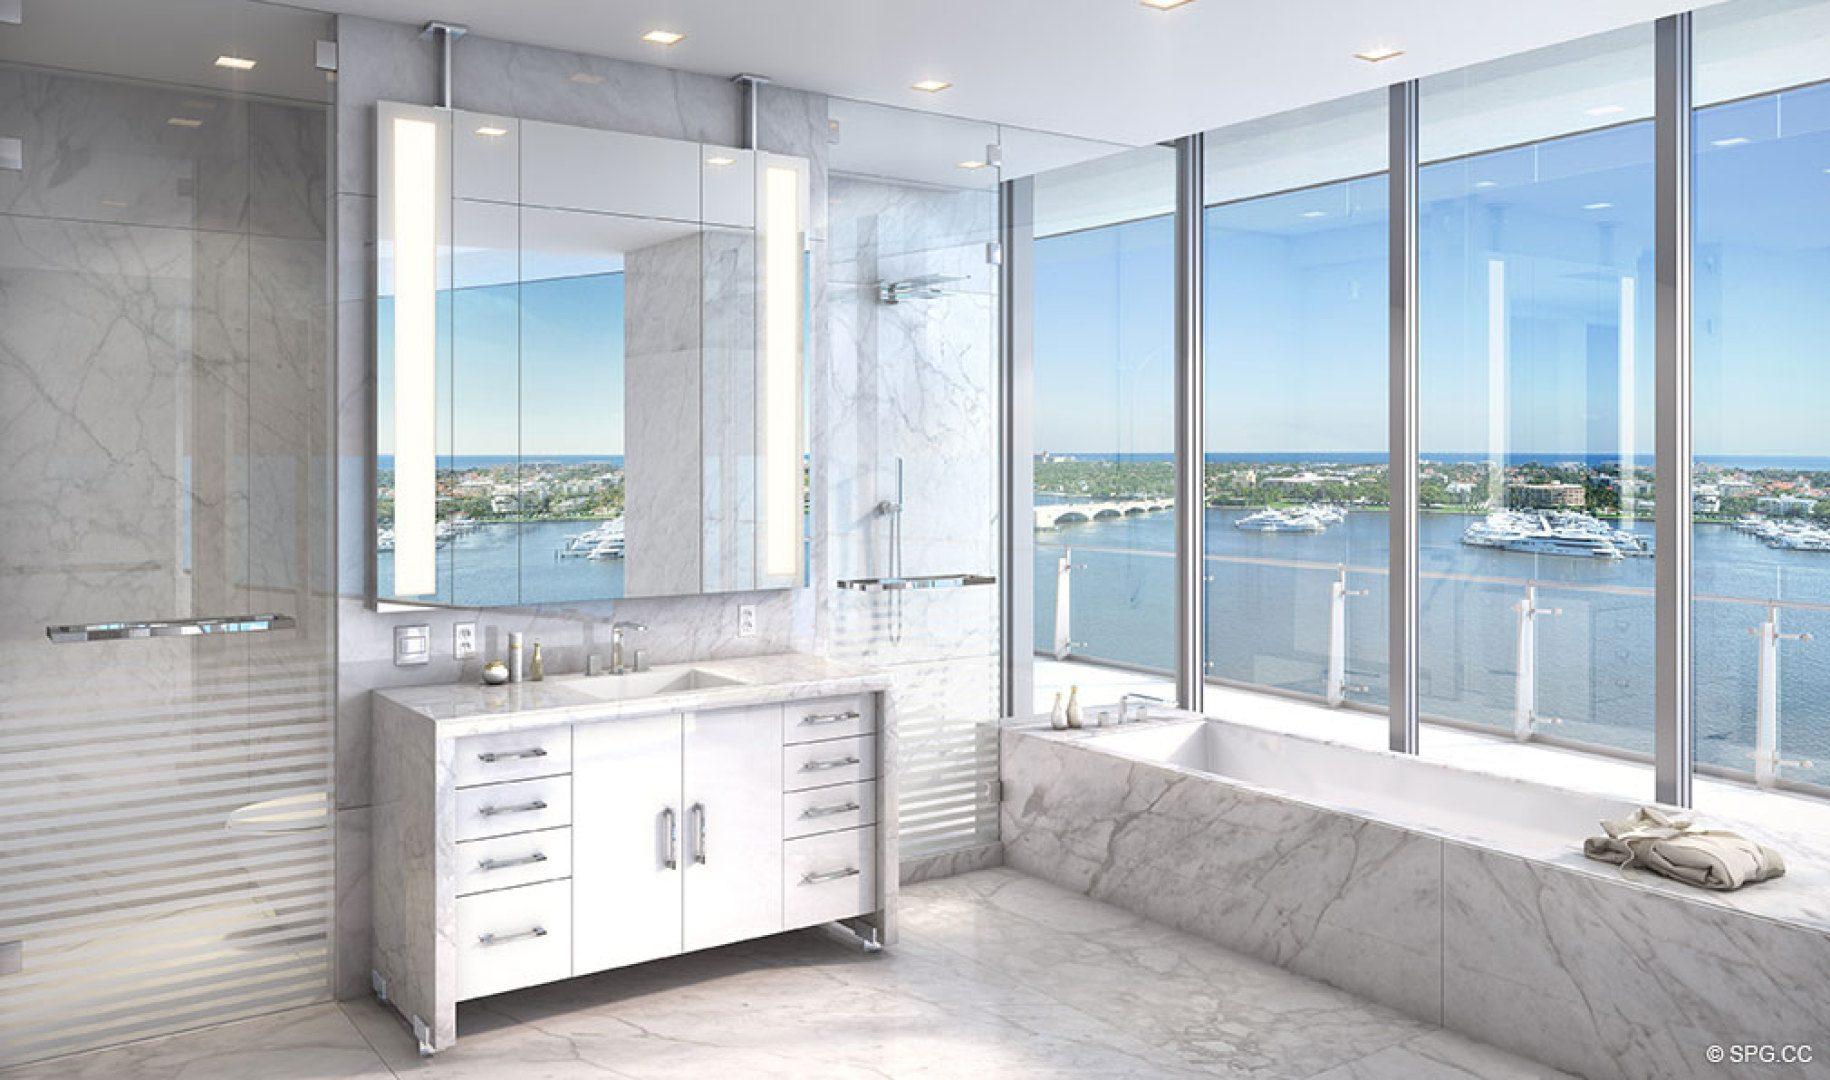 Das Bristol, Luxus Waterfront Eigentumswohnungen in West Palm Beach